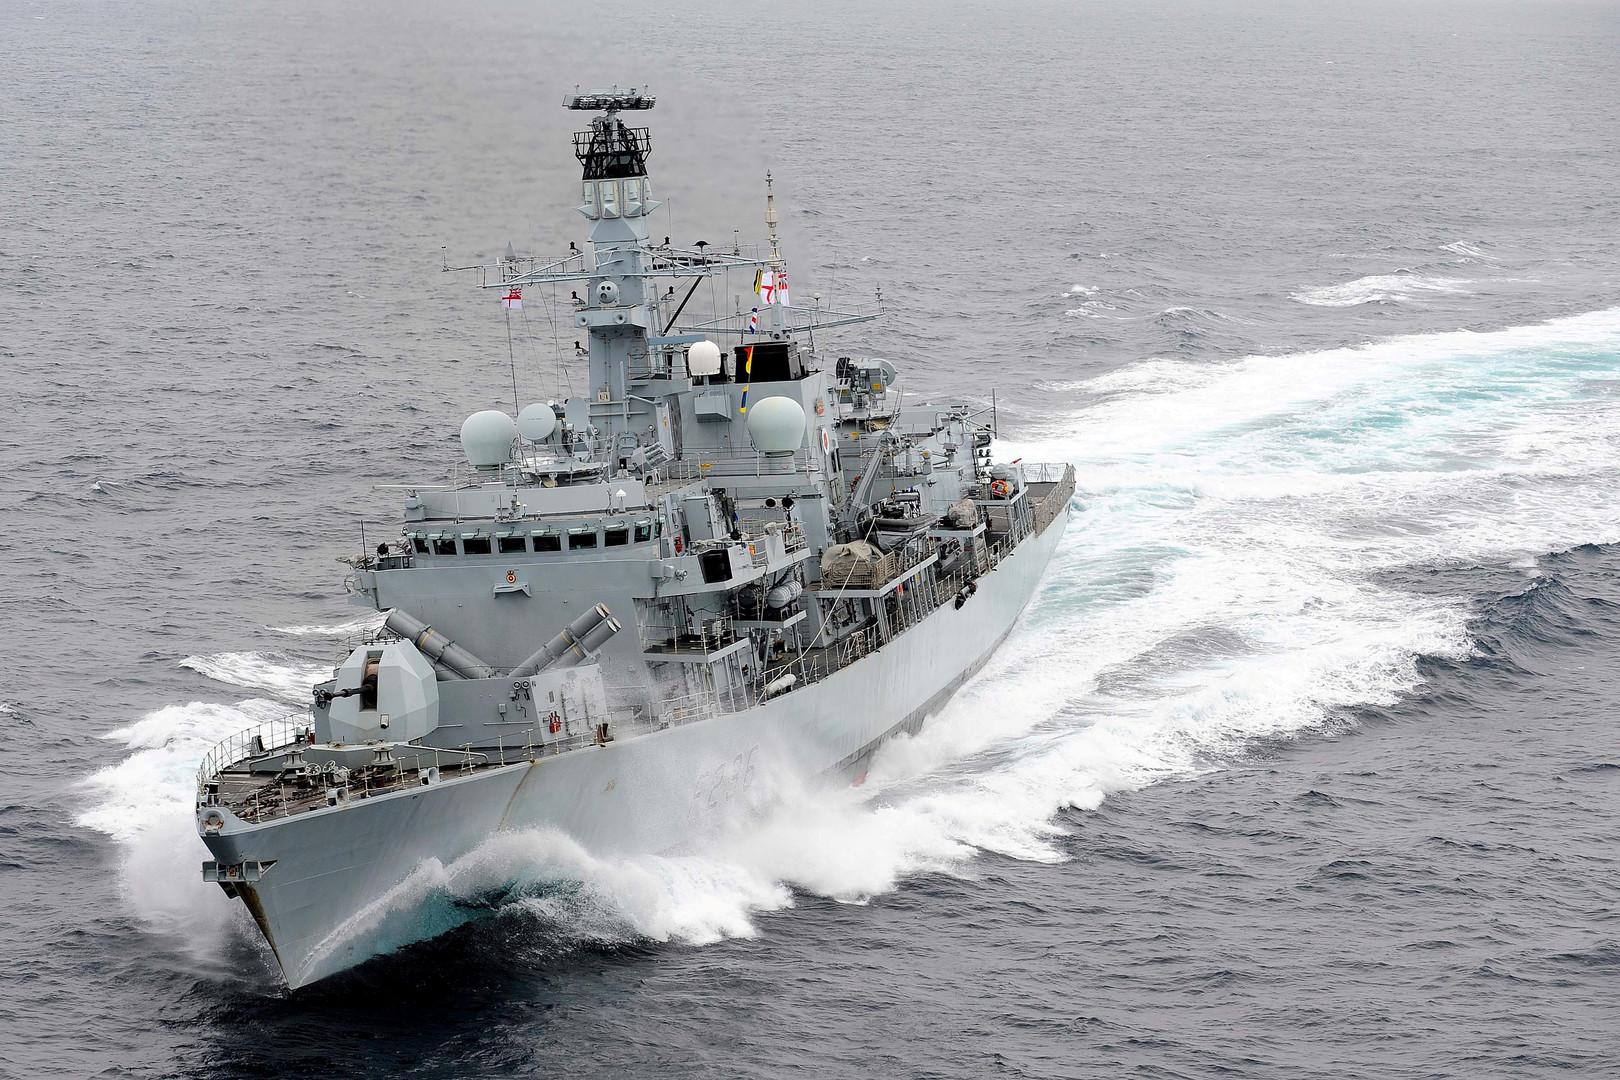 بالأرقام.. من يحظى بفرص أفضل في نزاع بحري محتمل بين بريطانيا وإيران؟